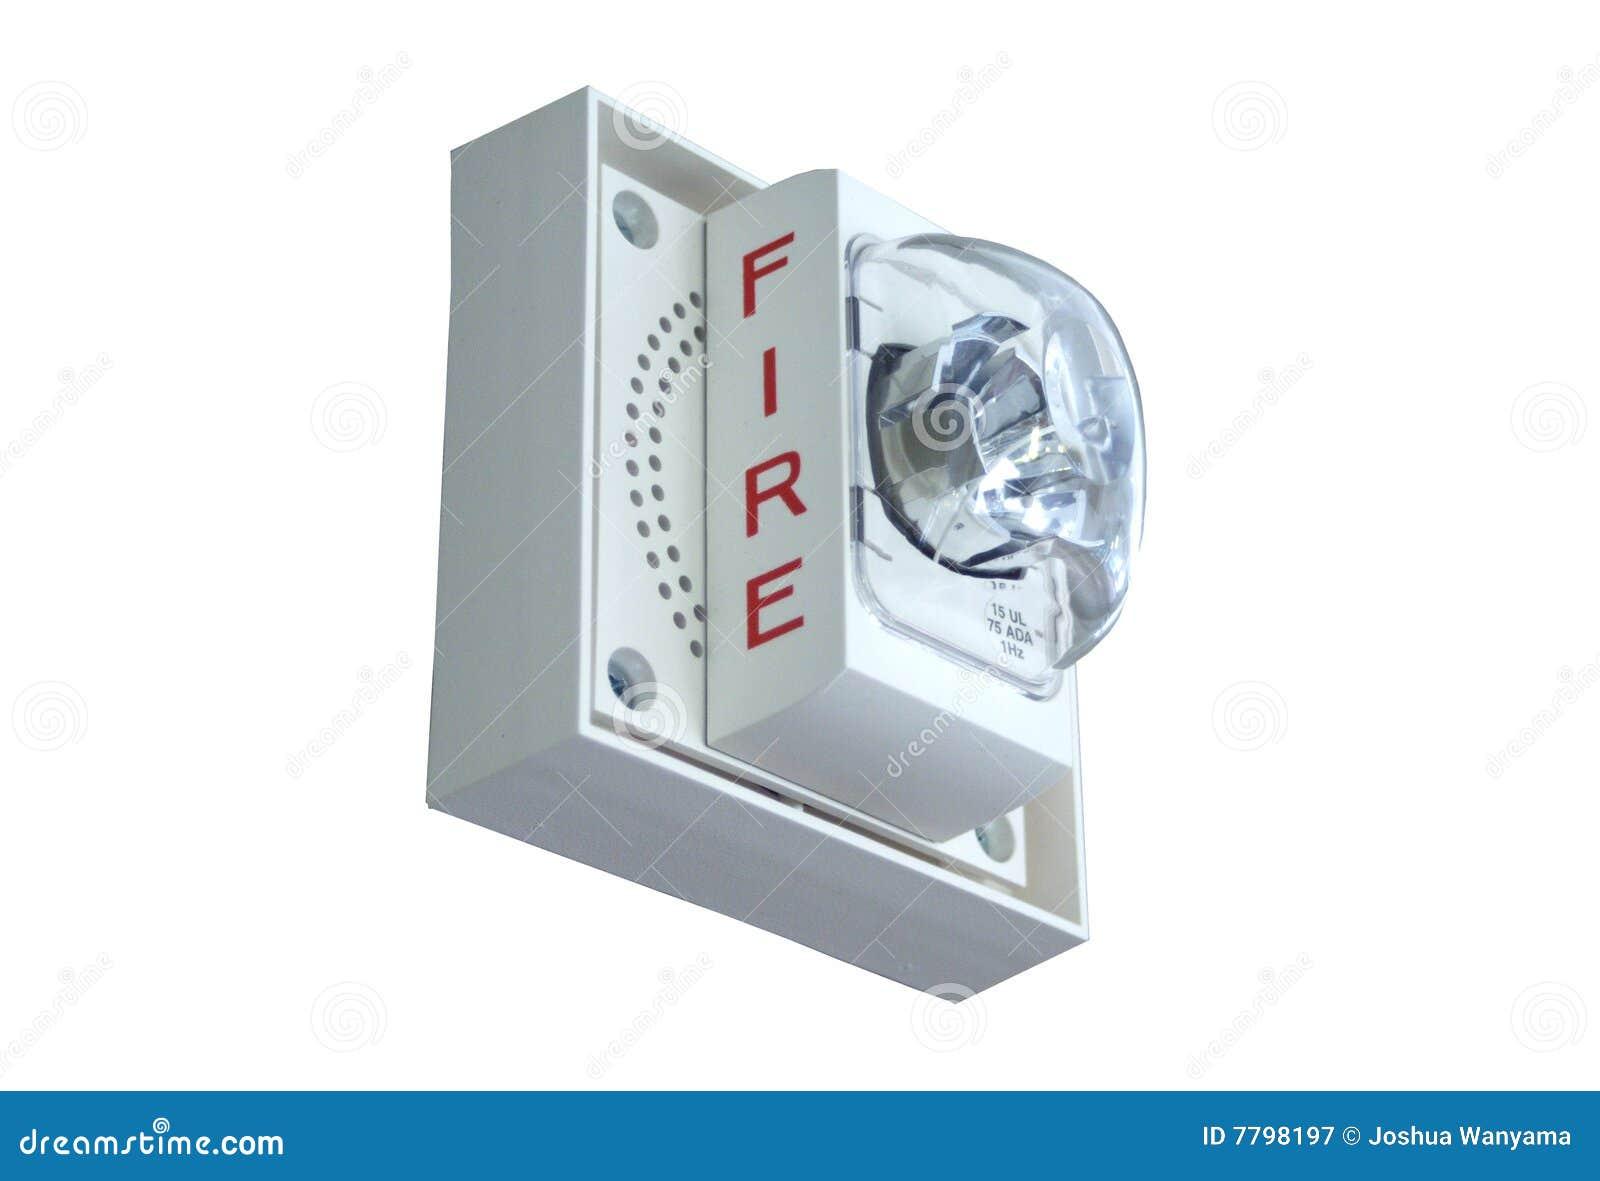 Fire Alarm Light...Fire Siren Clipart